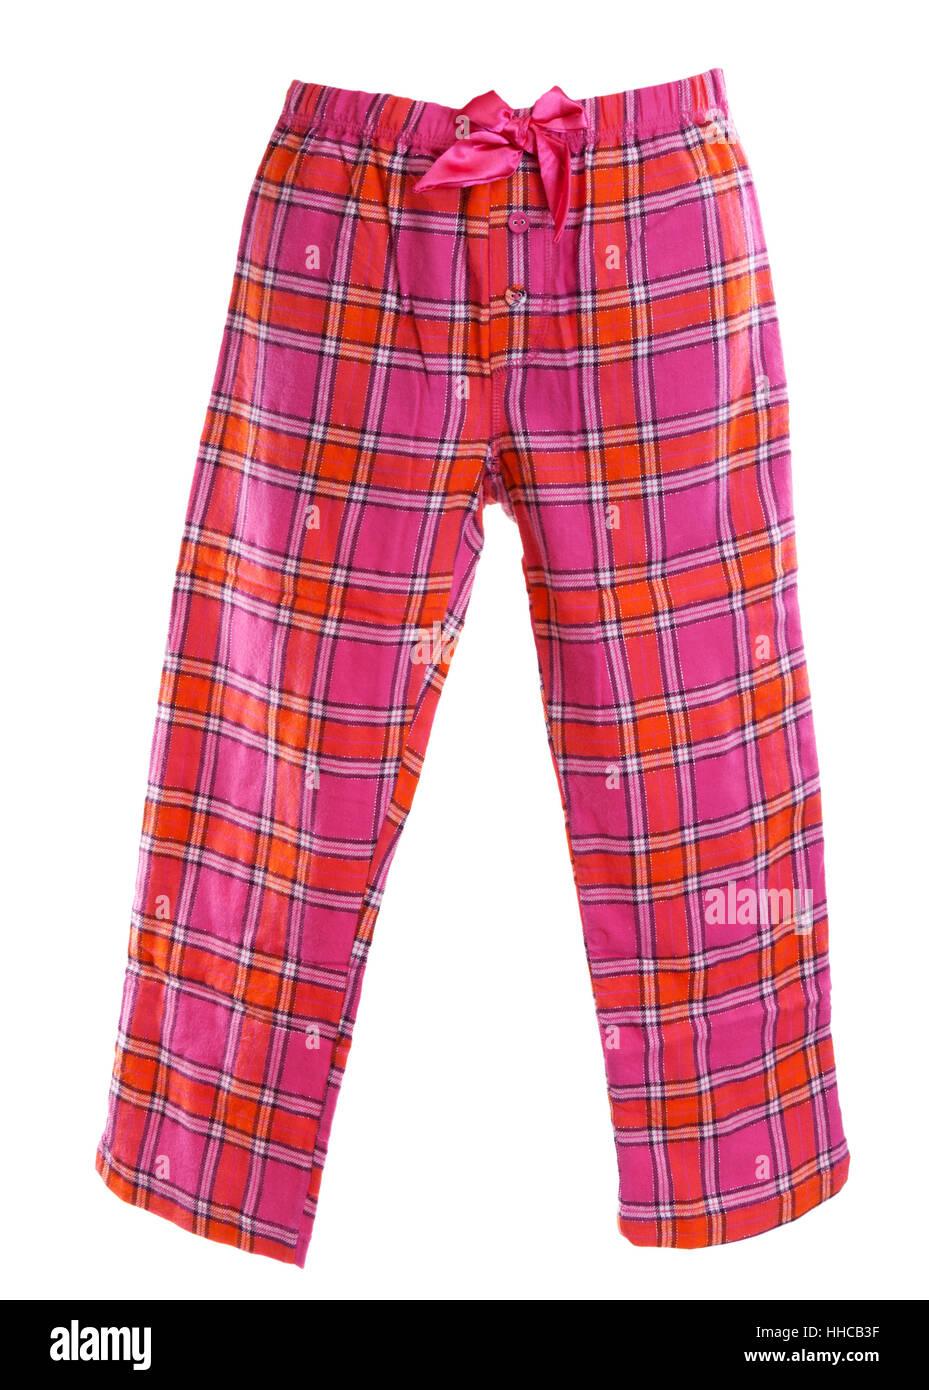 ea8feb1054d0 Aislados, pantalones, púrpura, la confección de prendas de vestir, ropa  lavada,